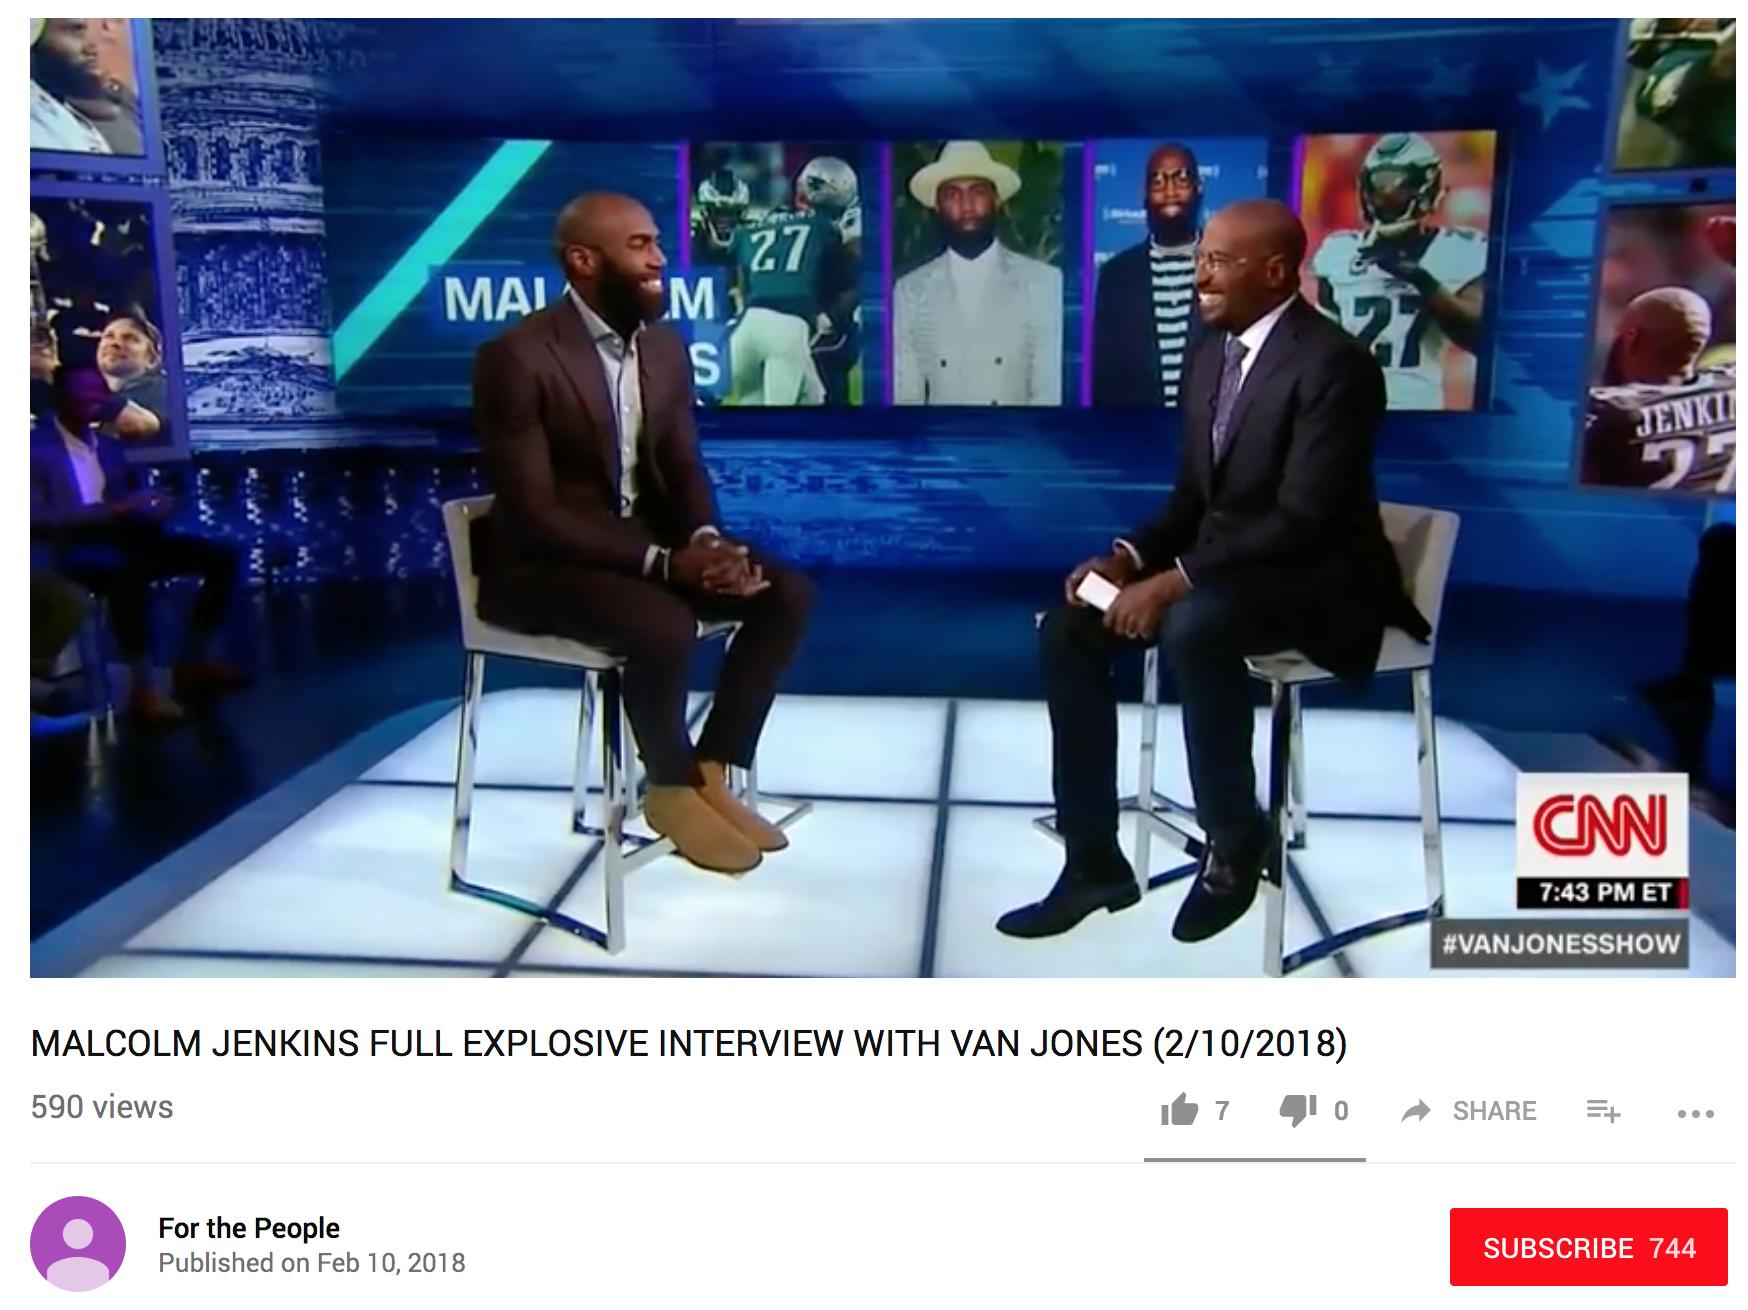 CNN w/ Van Jones - MALCOLM JENKINS FULL EXPLOSIVE INTERVIEW WITH VAN JONES (2/10/2018)